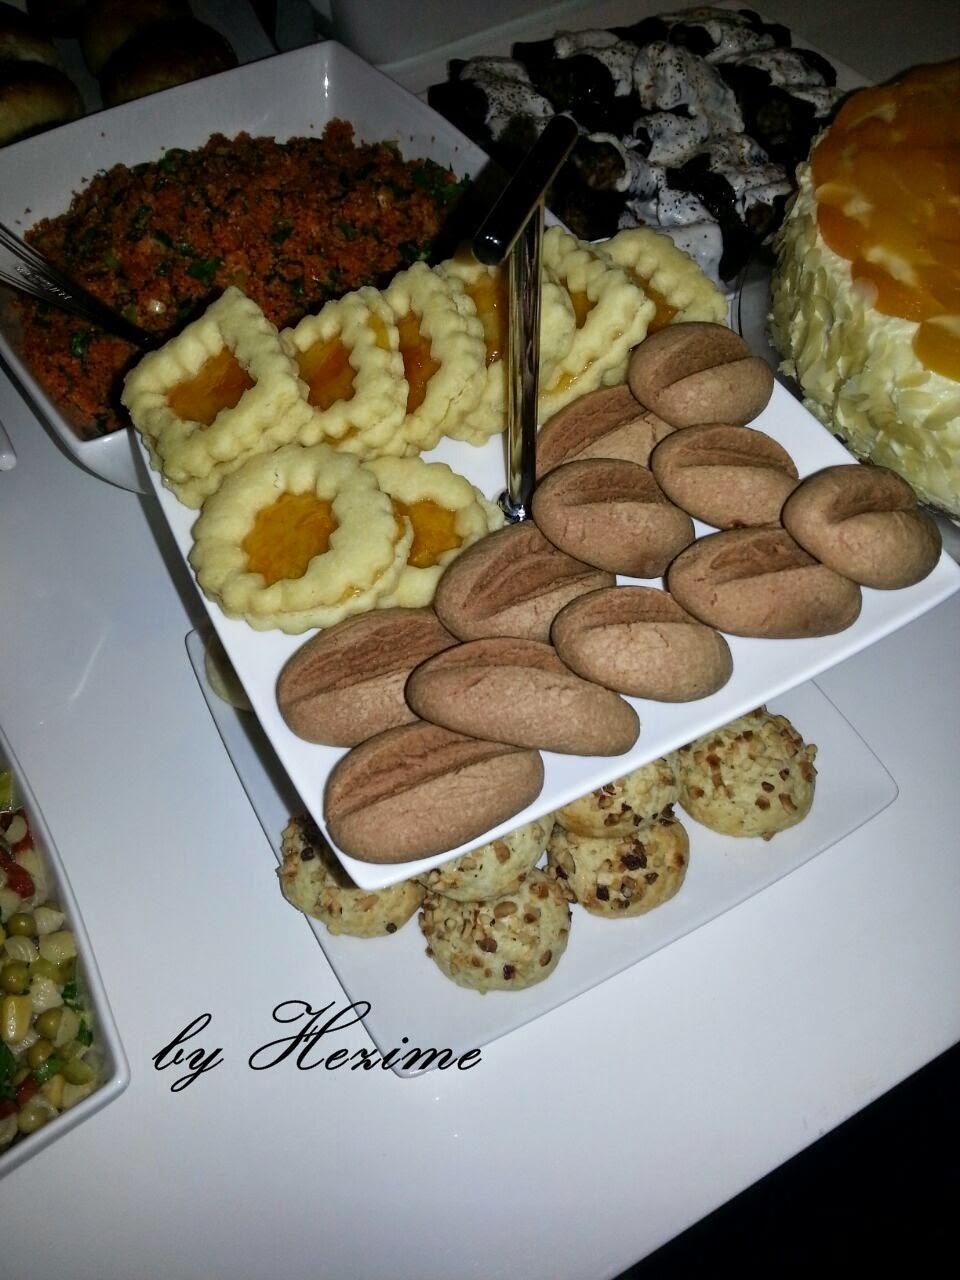 gün masası,misafir ikramları Meyveli yaş pasta  Fındıklı kurabiye  Kahve çekirdeği kurabiye  Spitbuben (marmelatlı )kurabiye Kısır  Kuru dolma  Açma  Poğaça  Patates salatası   Köz biberli makarna salatası  Sebzeli kek un kurabiyesi